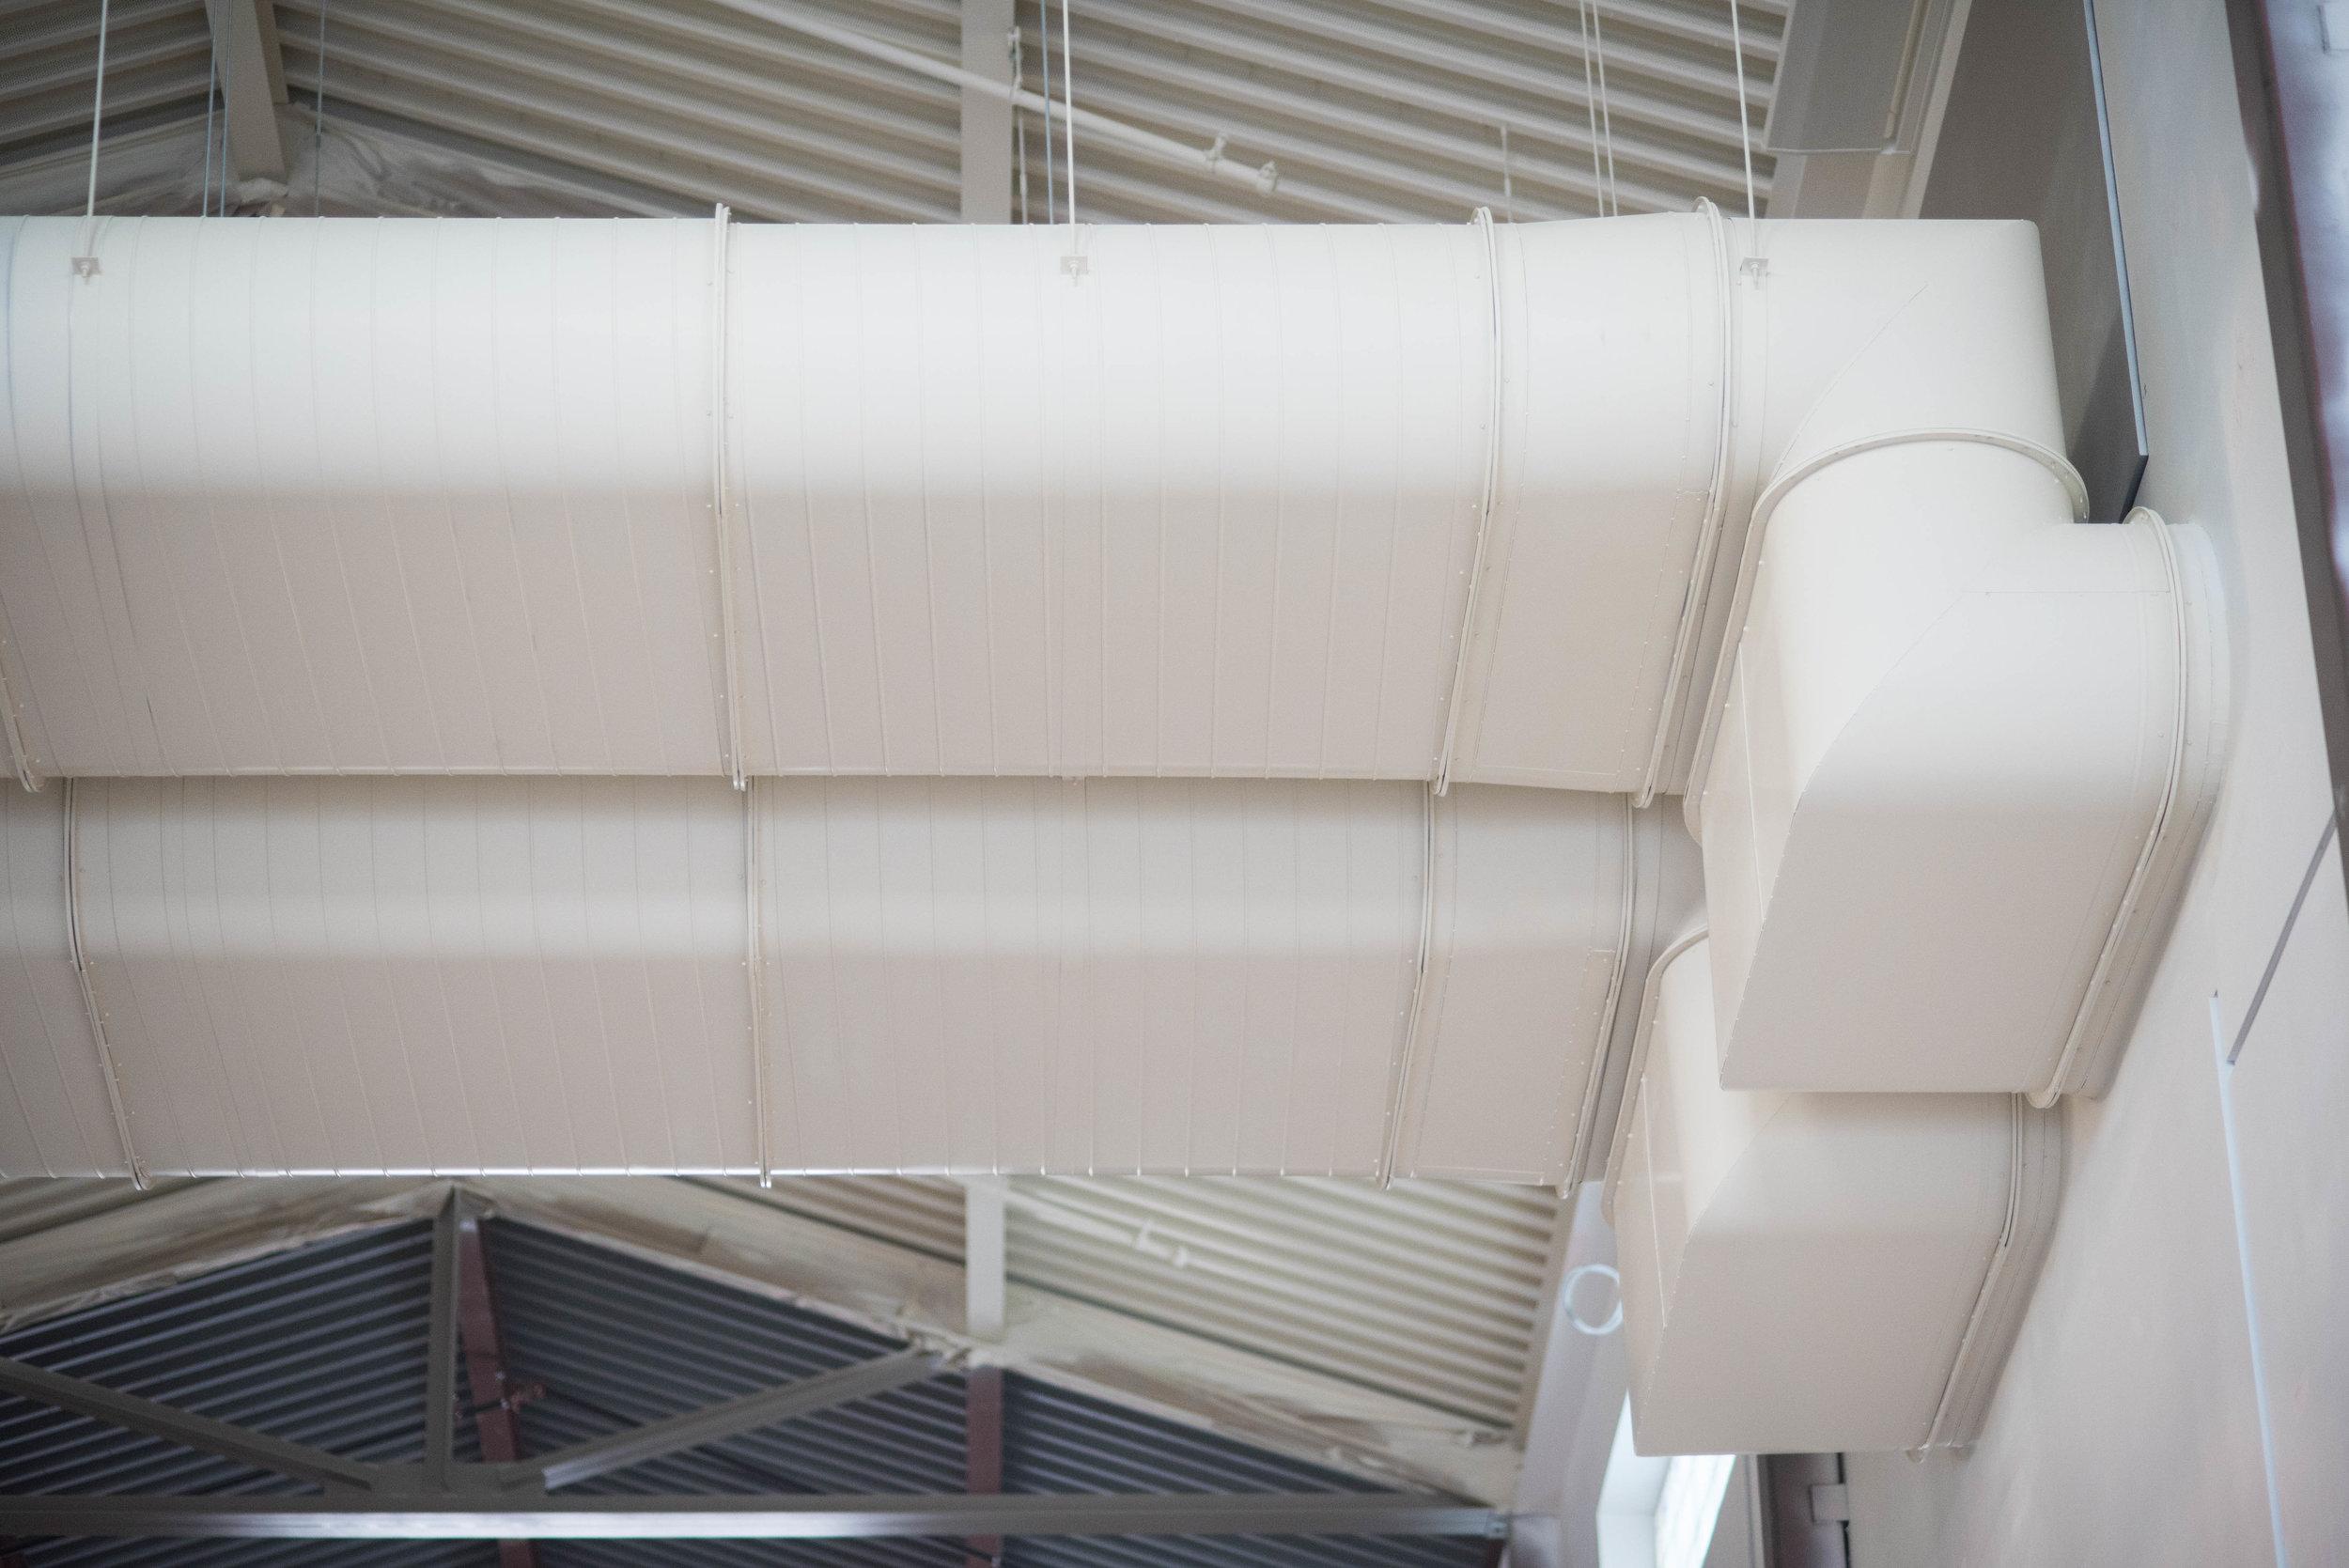 Industrial HVAC-1.jpg